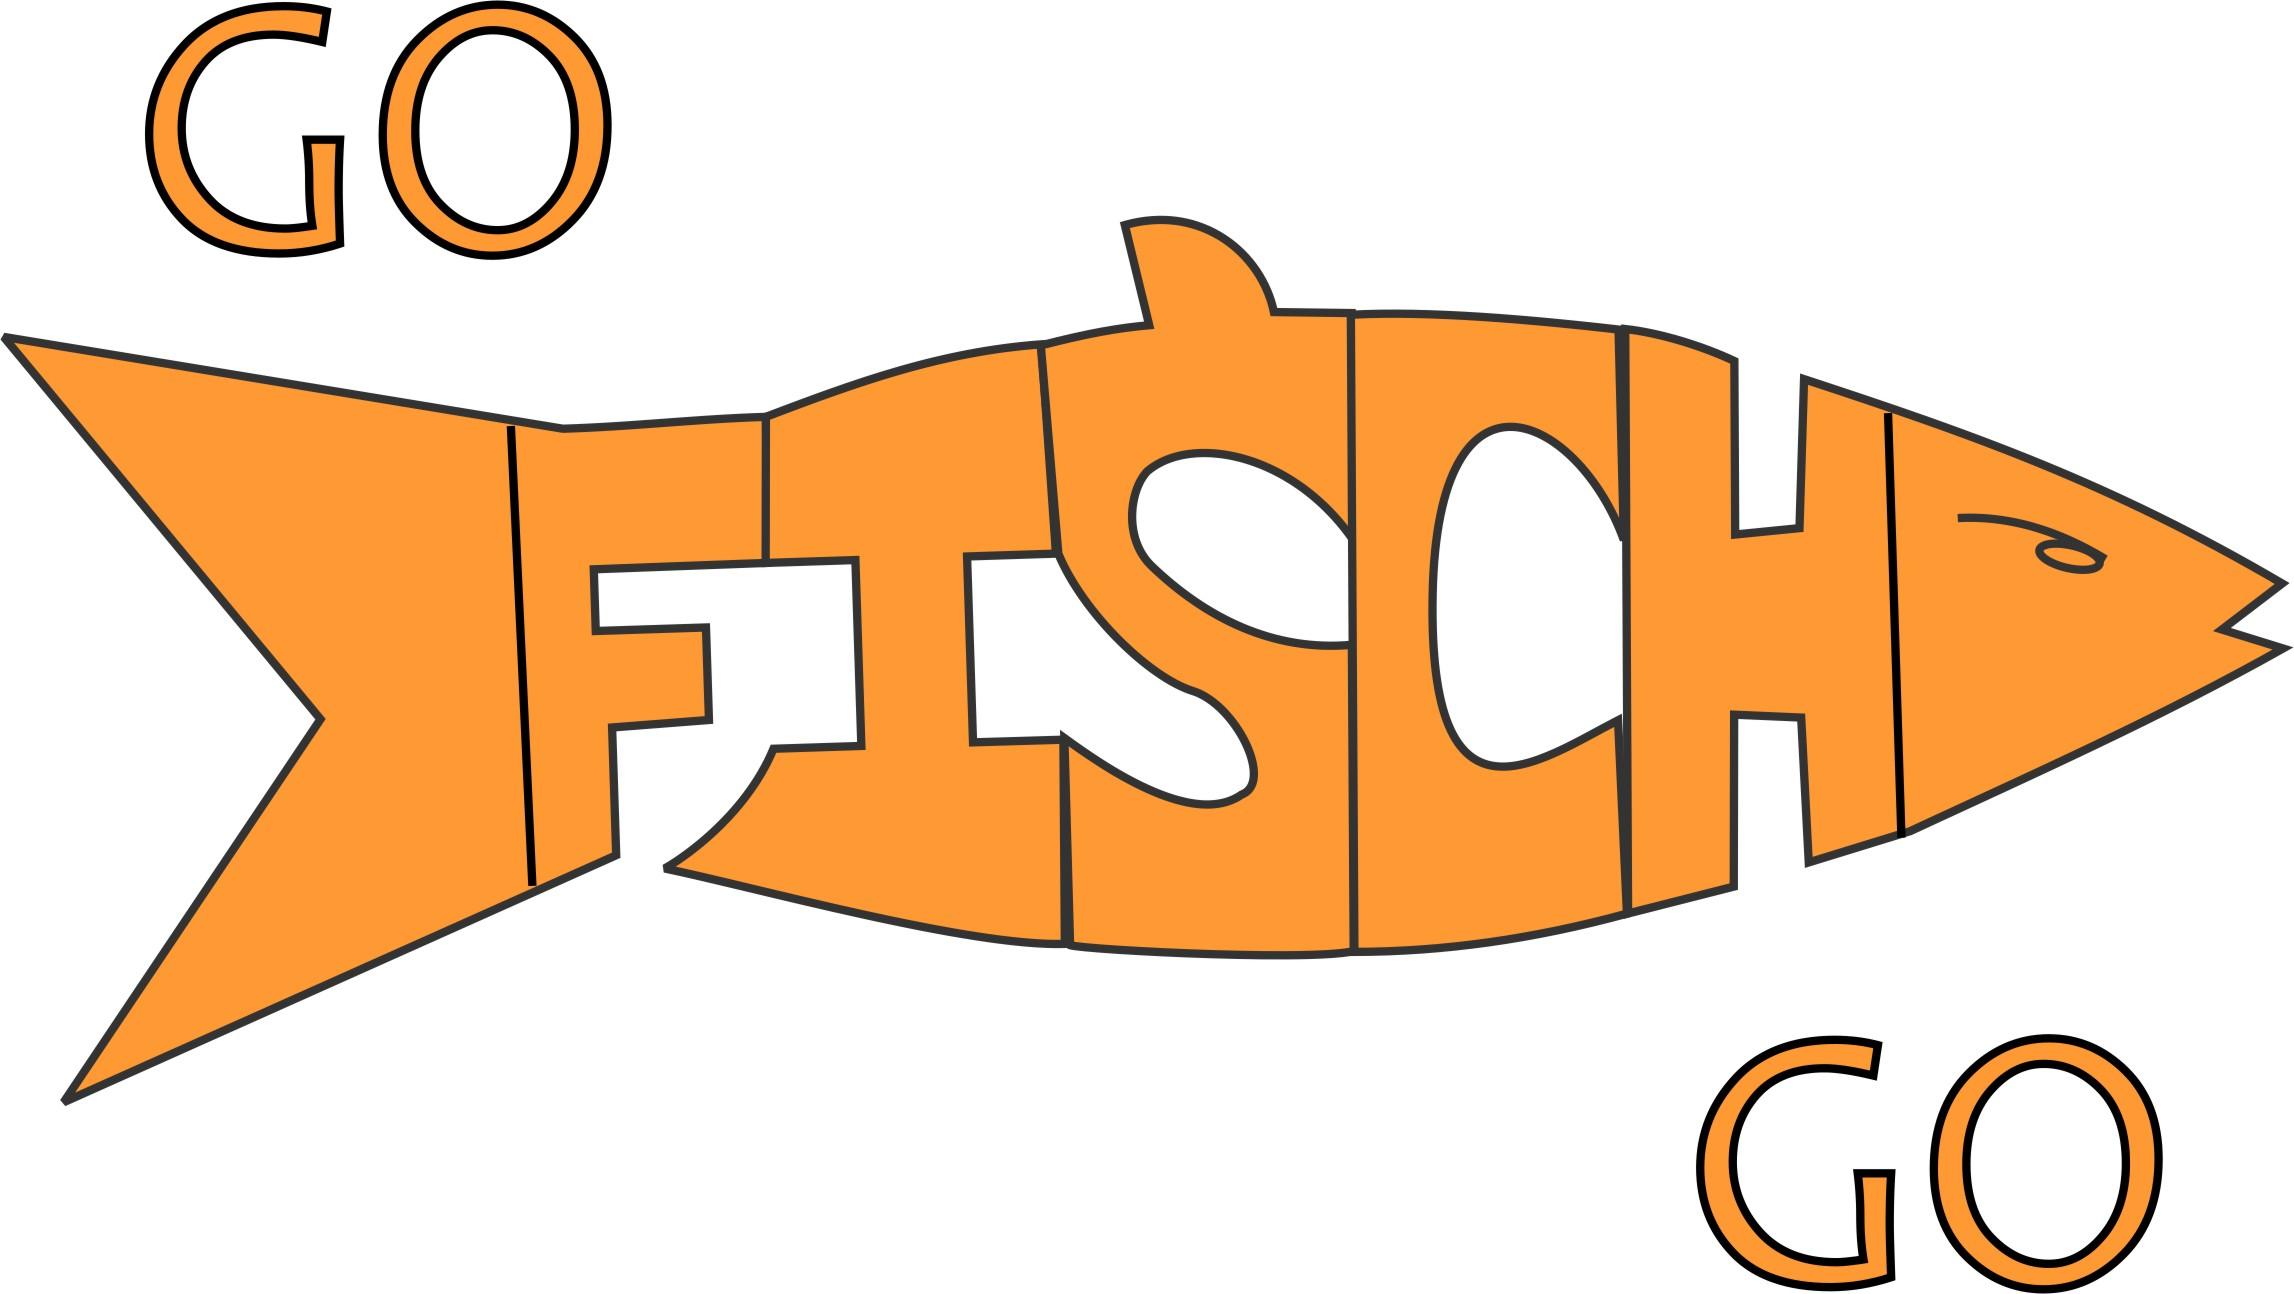 gfg_logo.JPG